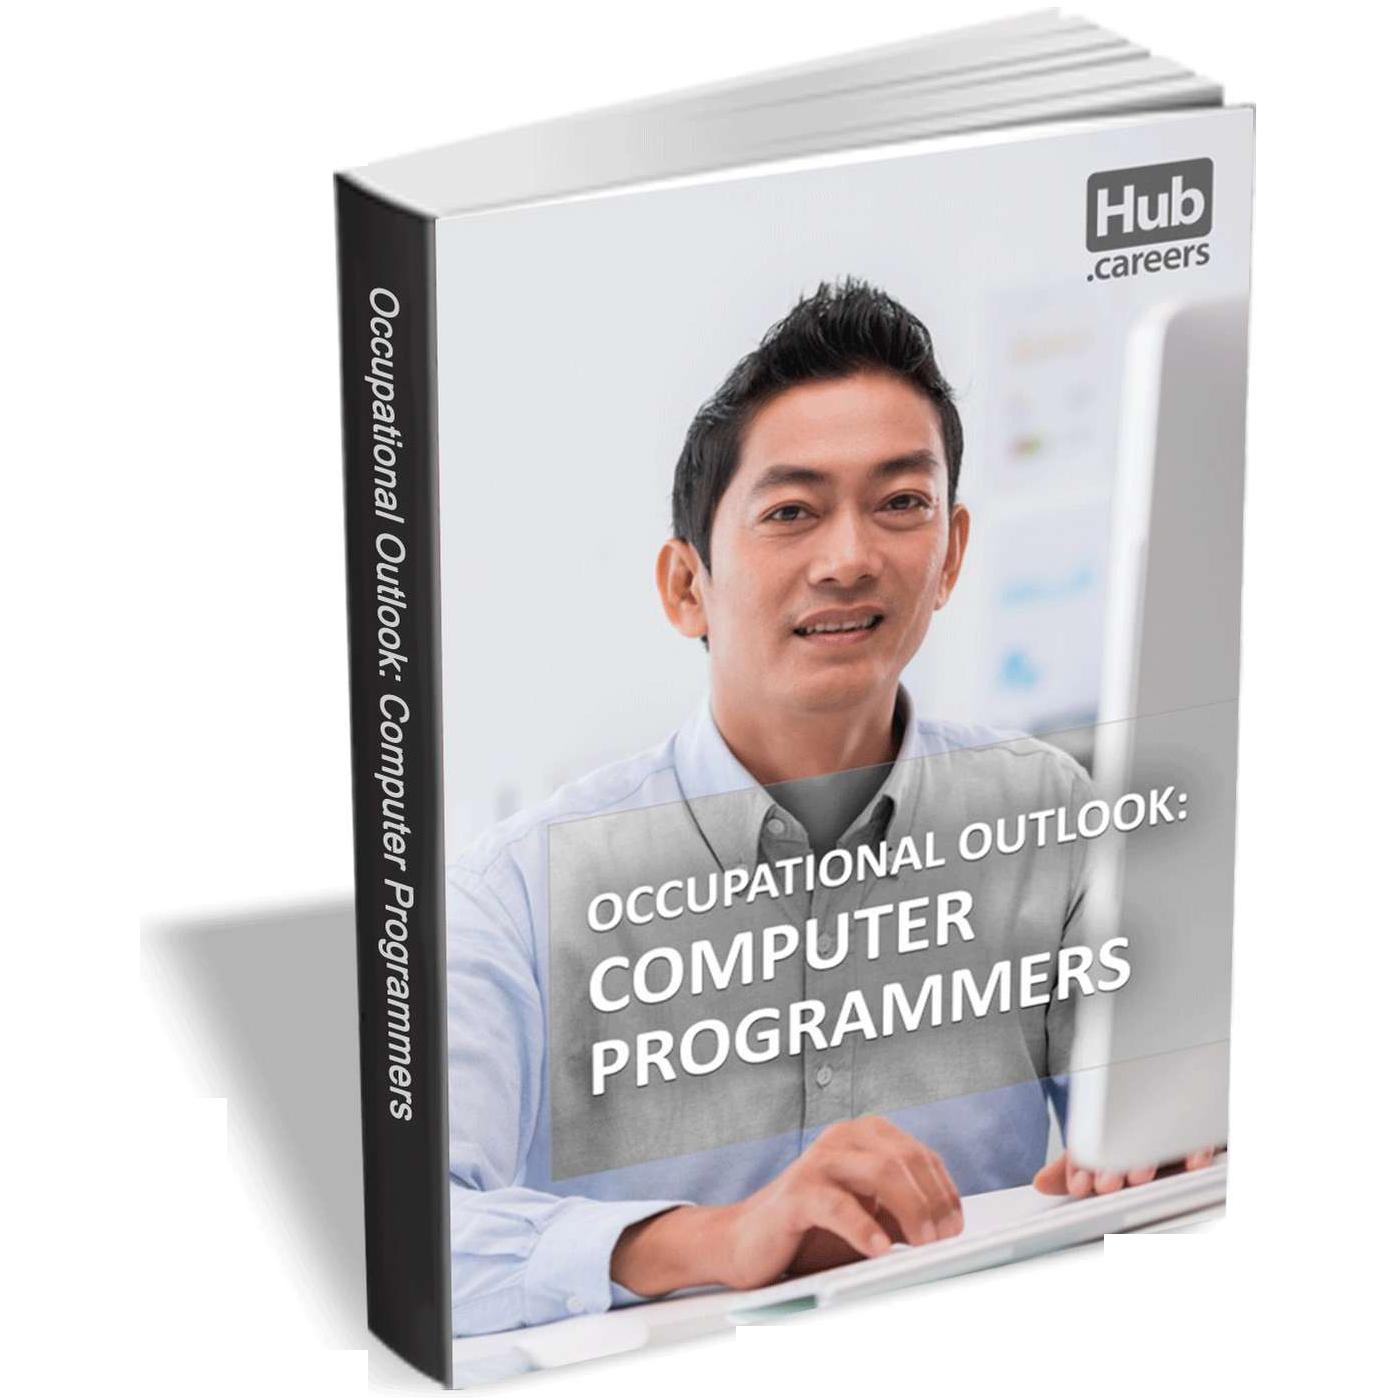 Computer Programmers - Occupational Outlook Screenshot